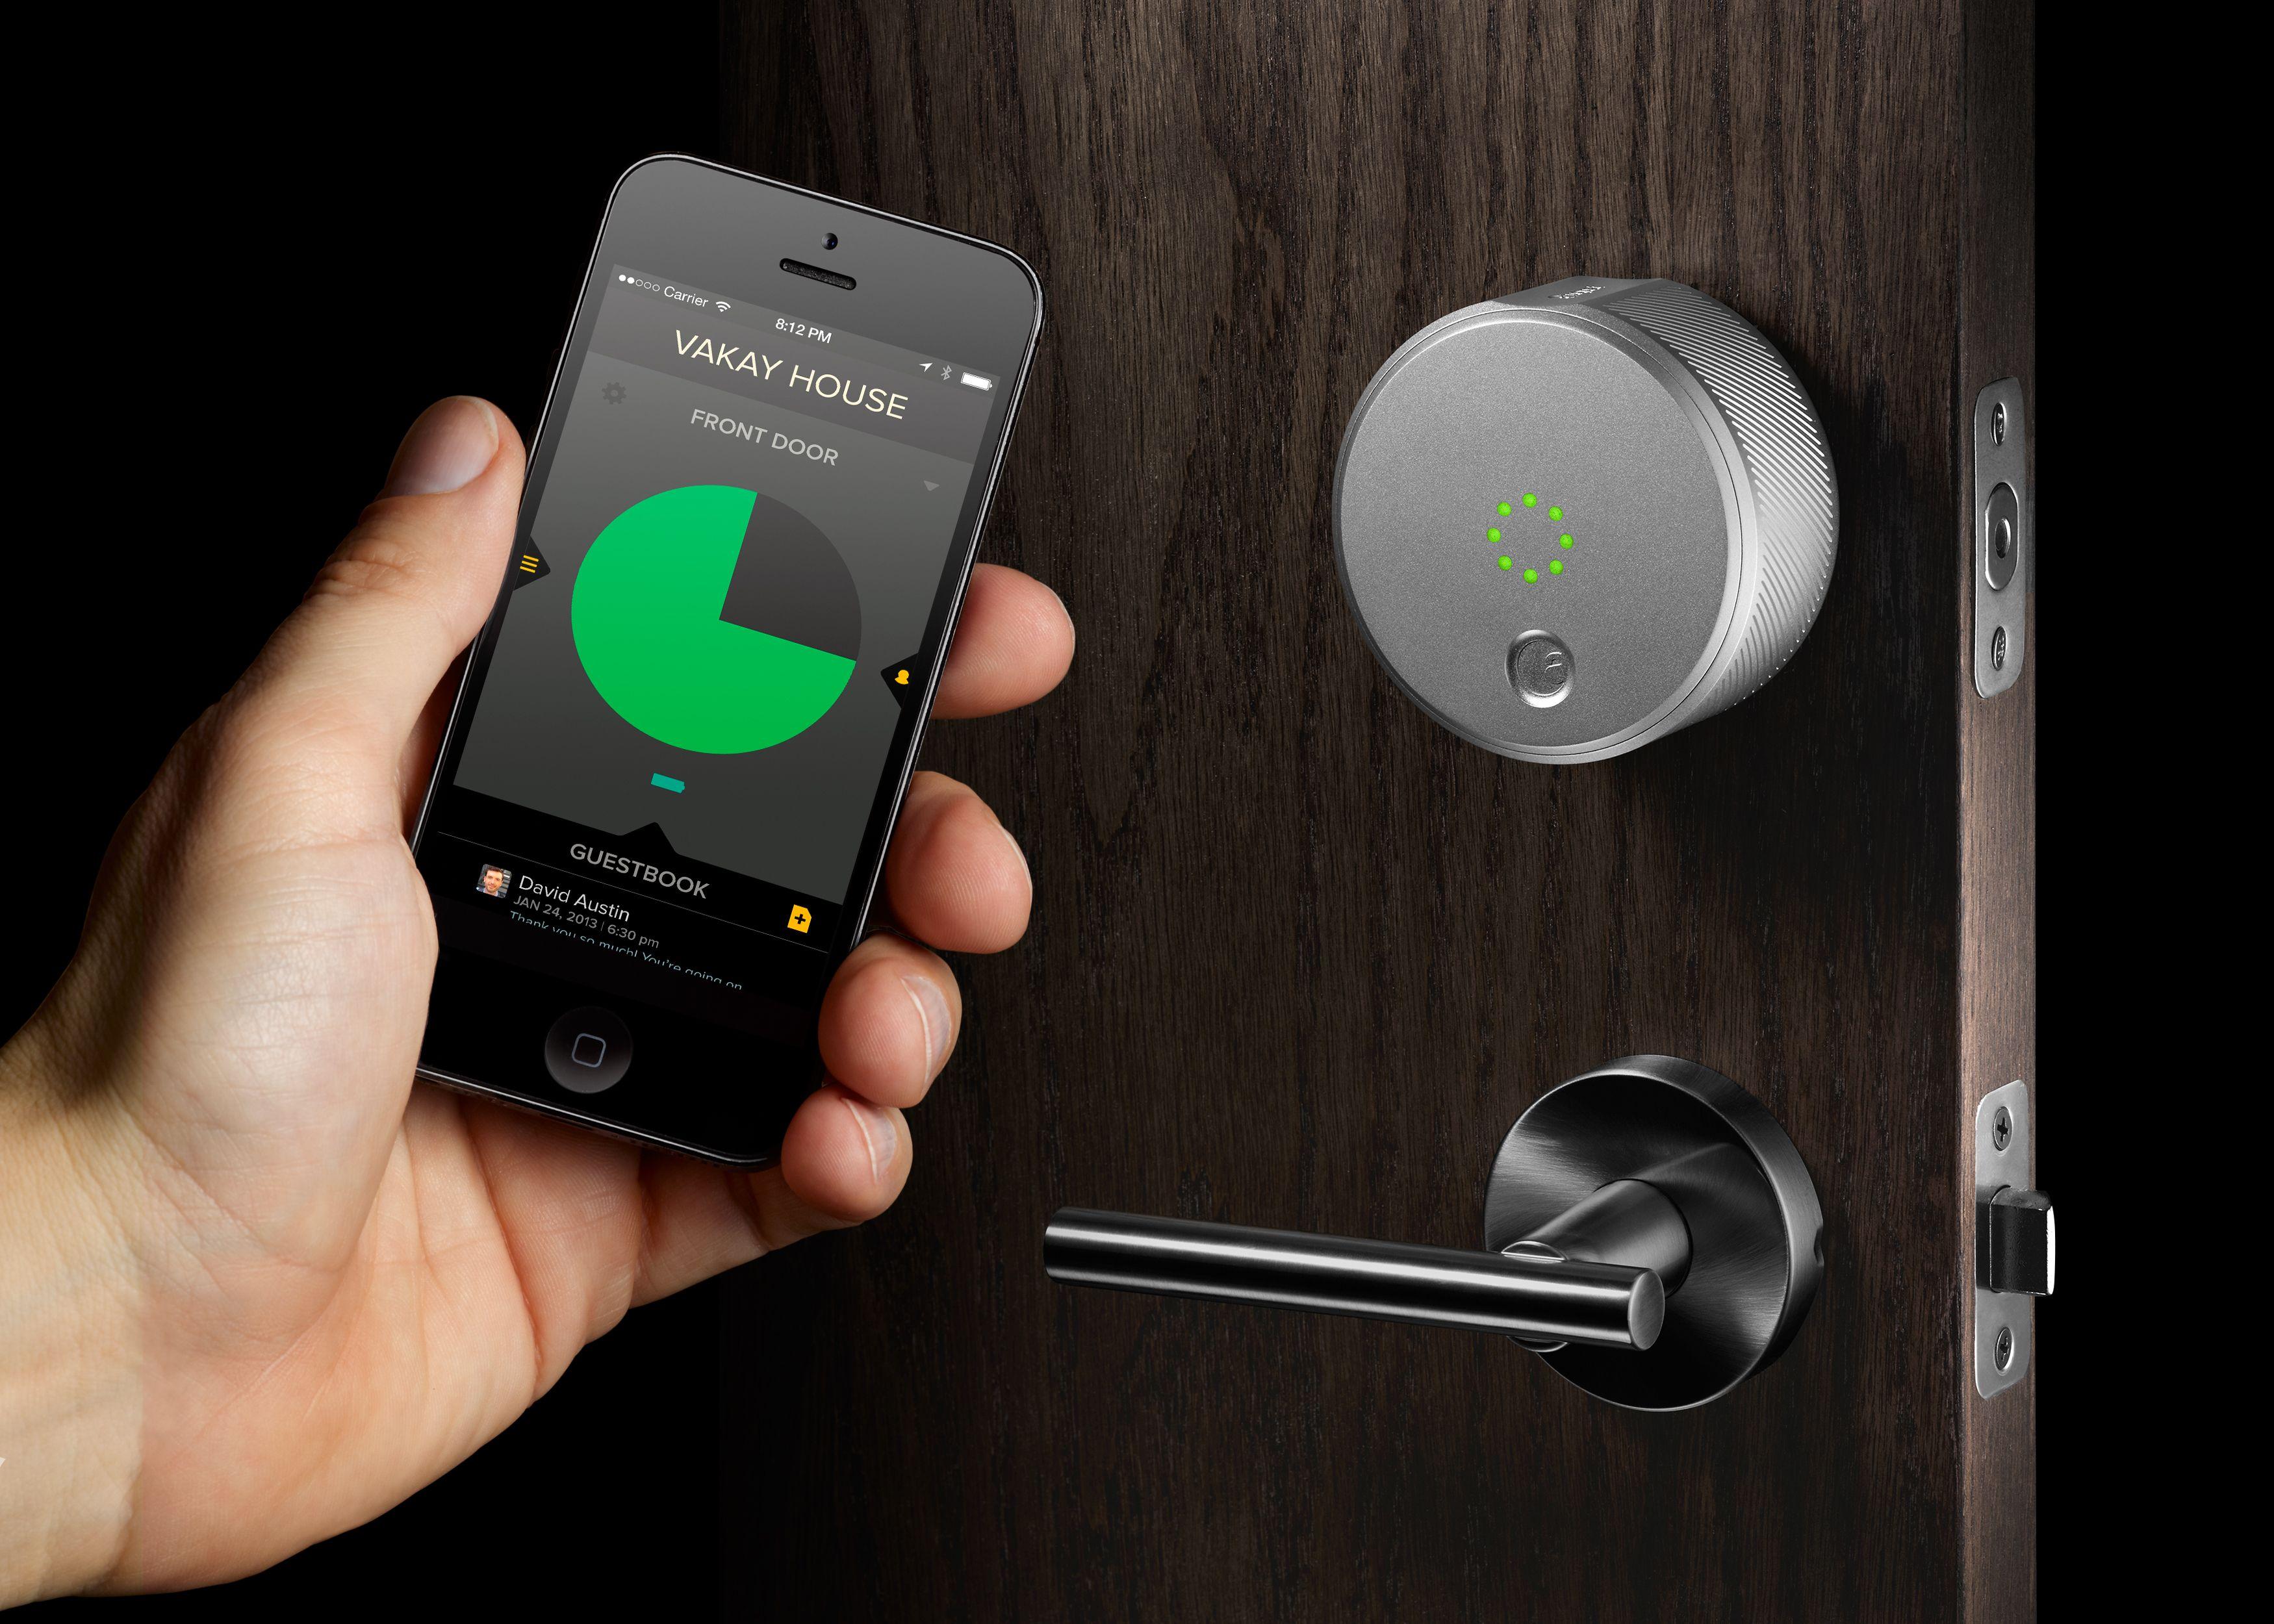 Auto Lock U0026 Unlock Your Door Locks Via The Proximity Of Your IOS Devices  Plus